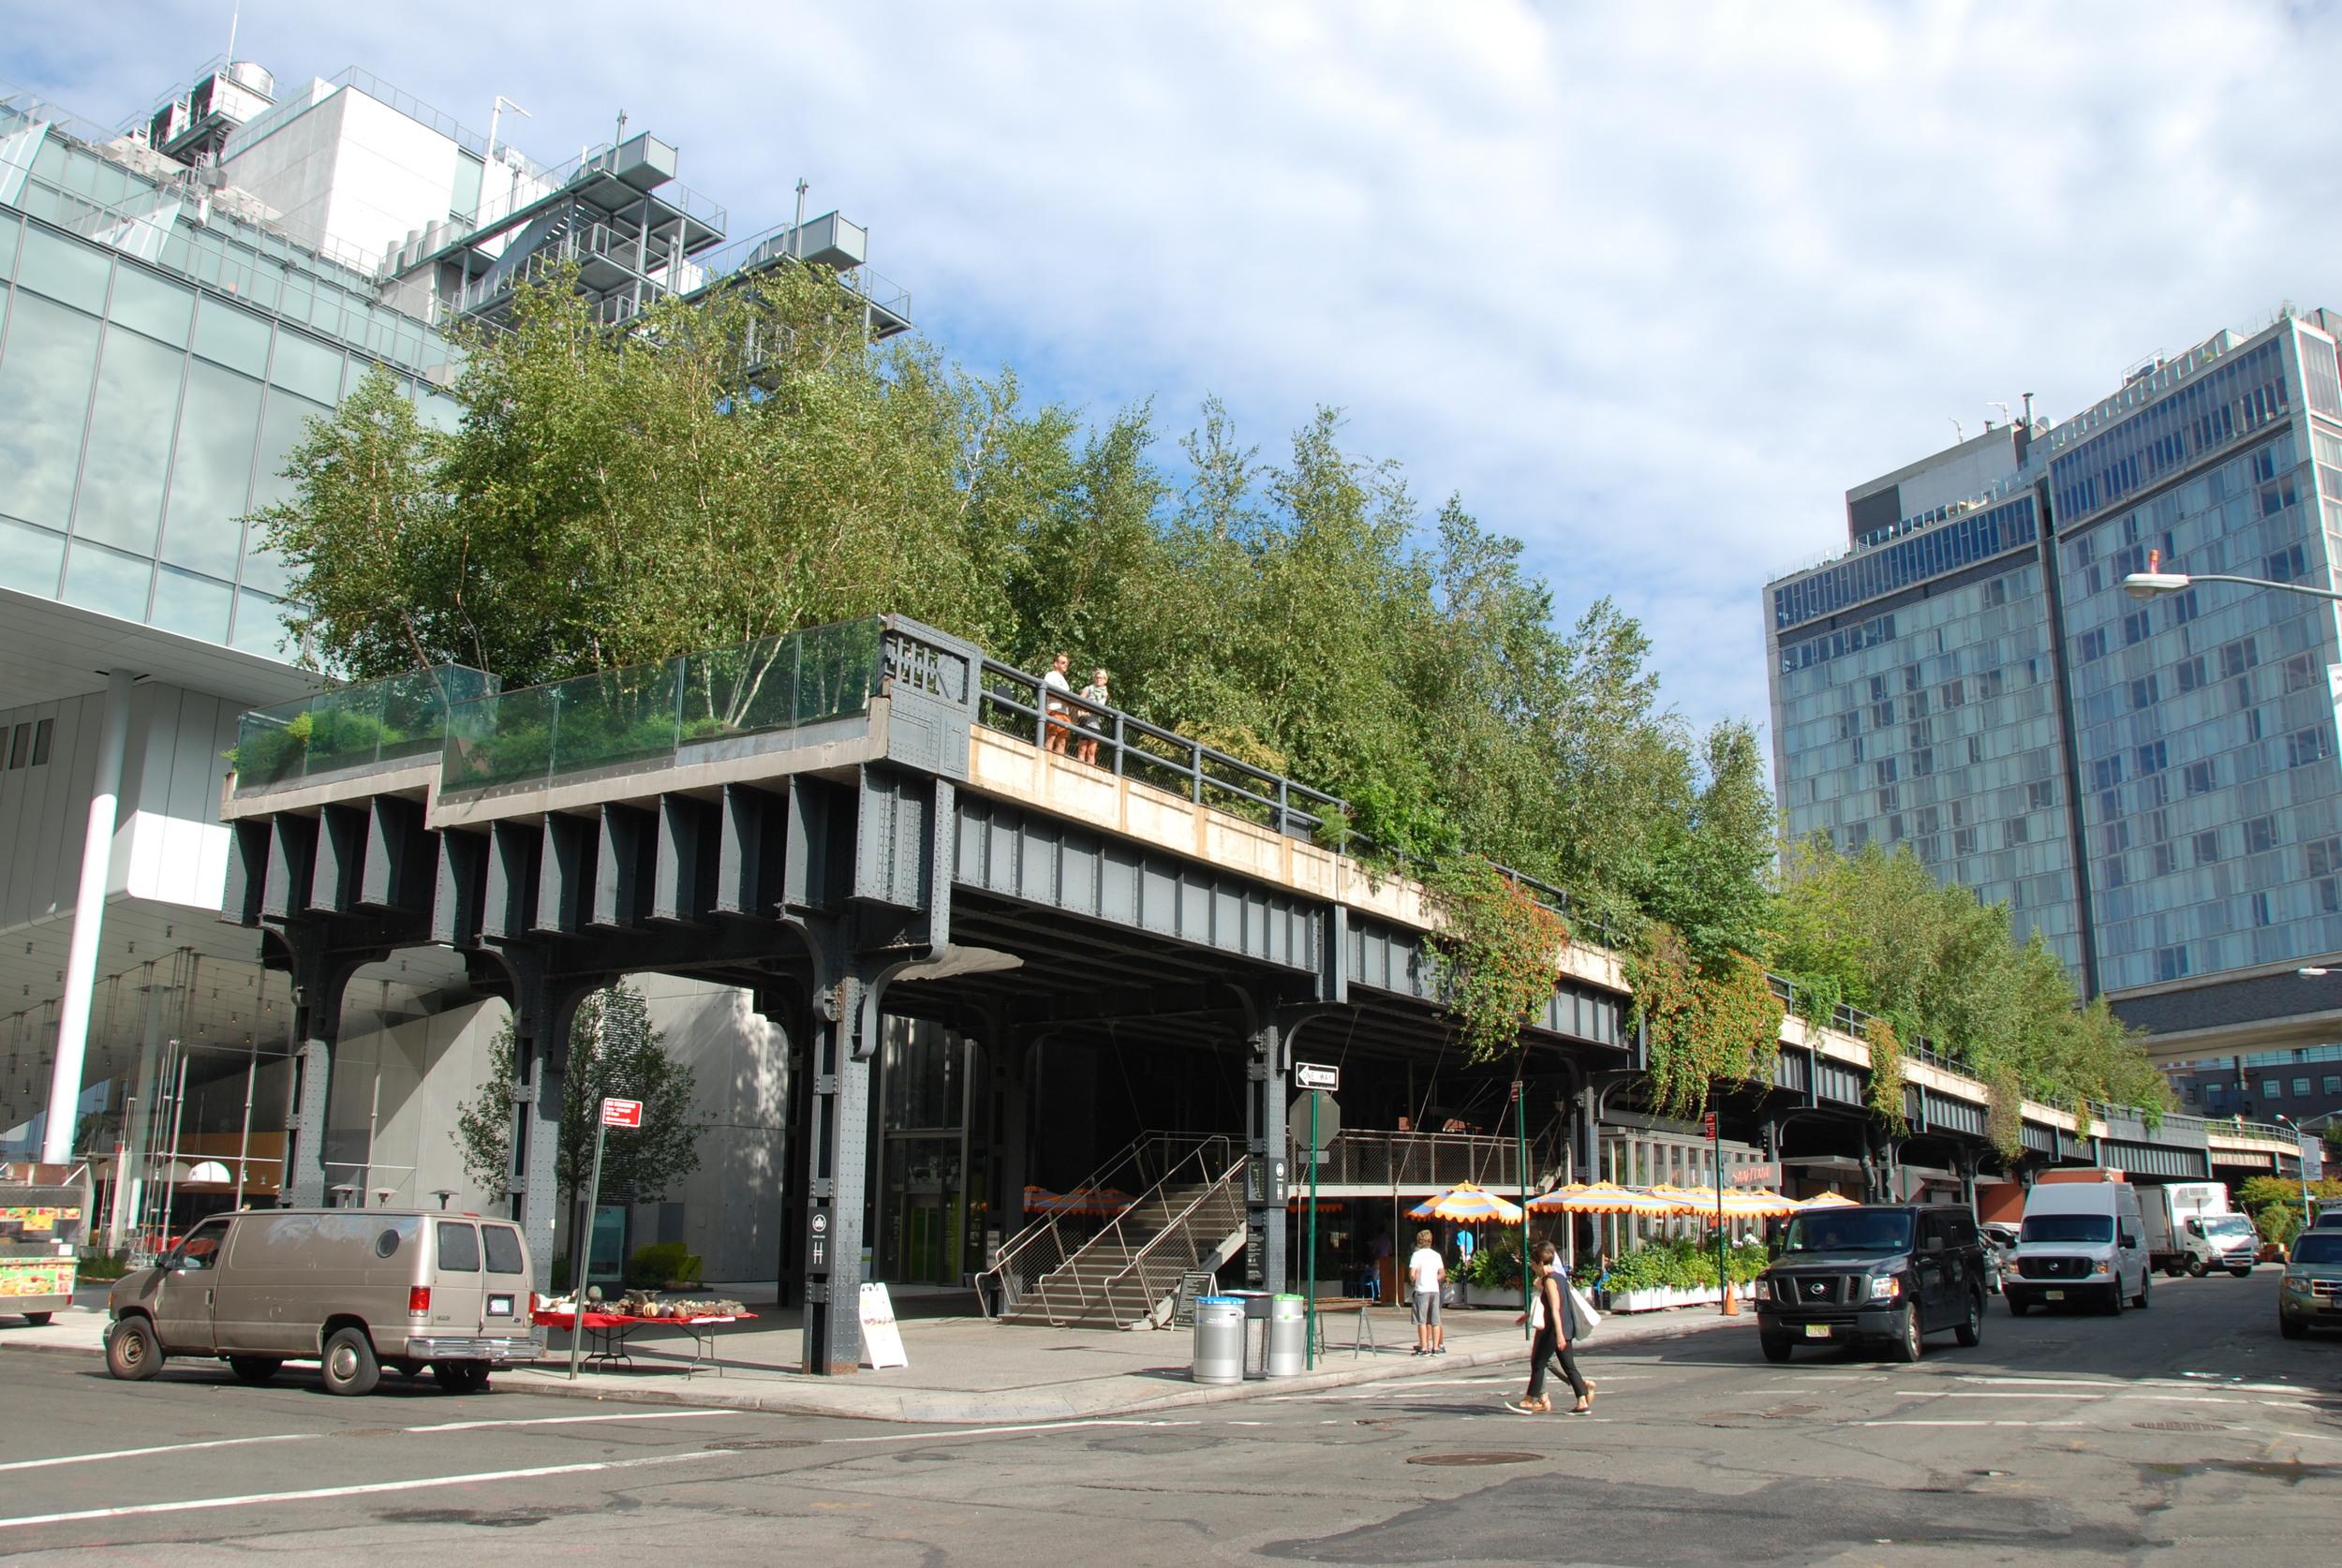 Konec High Line v blízkosti 11 St na Manhattanu. Komu se nelení, tomu se zelení. (foto: Libor Hinčica)